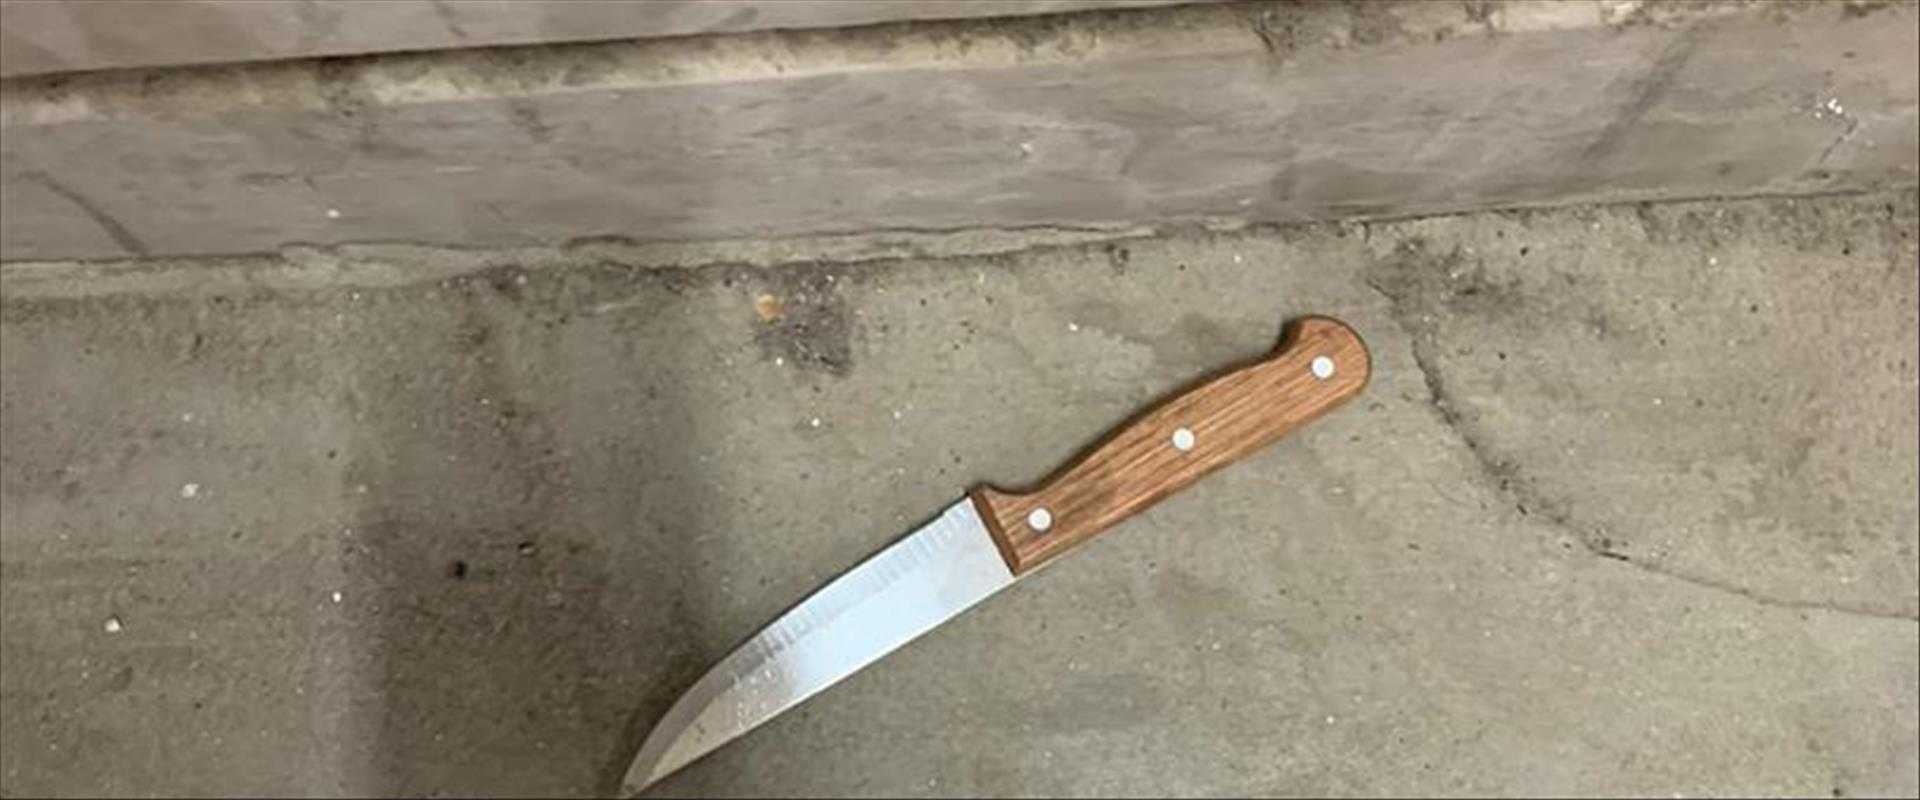 הסכין של המחבל